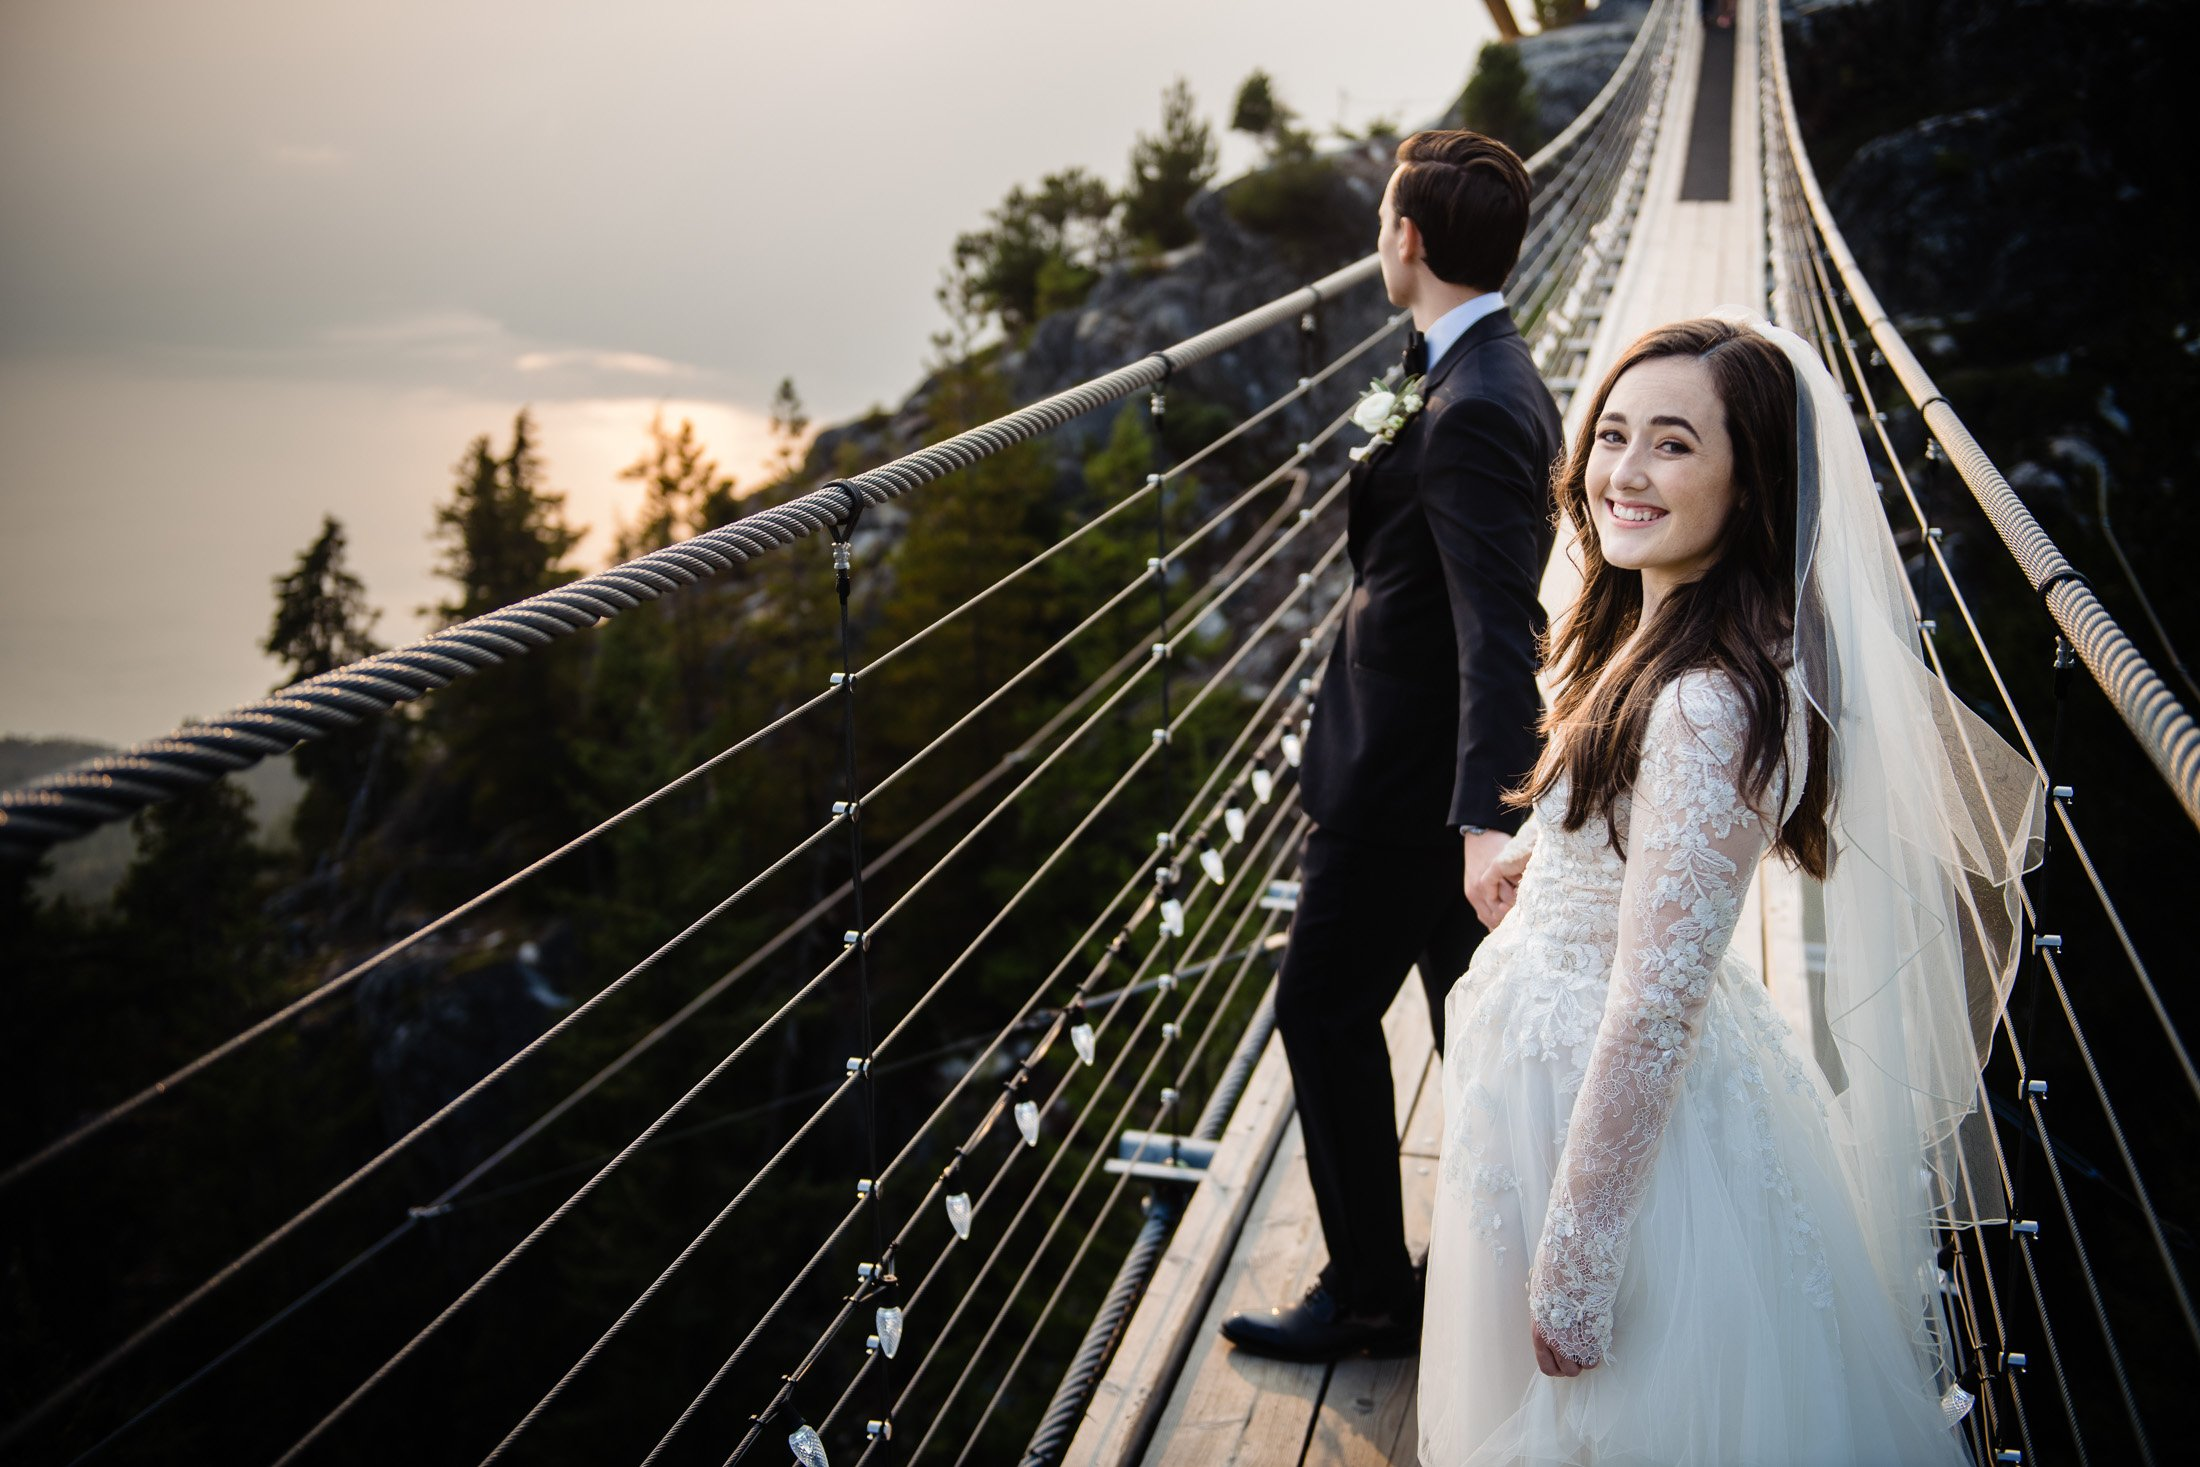 014 - bride wedding photos squamish